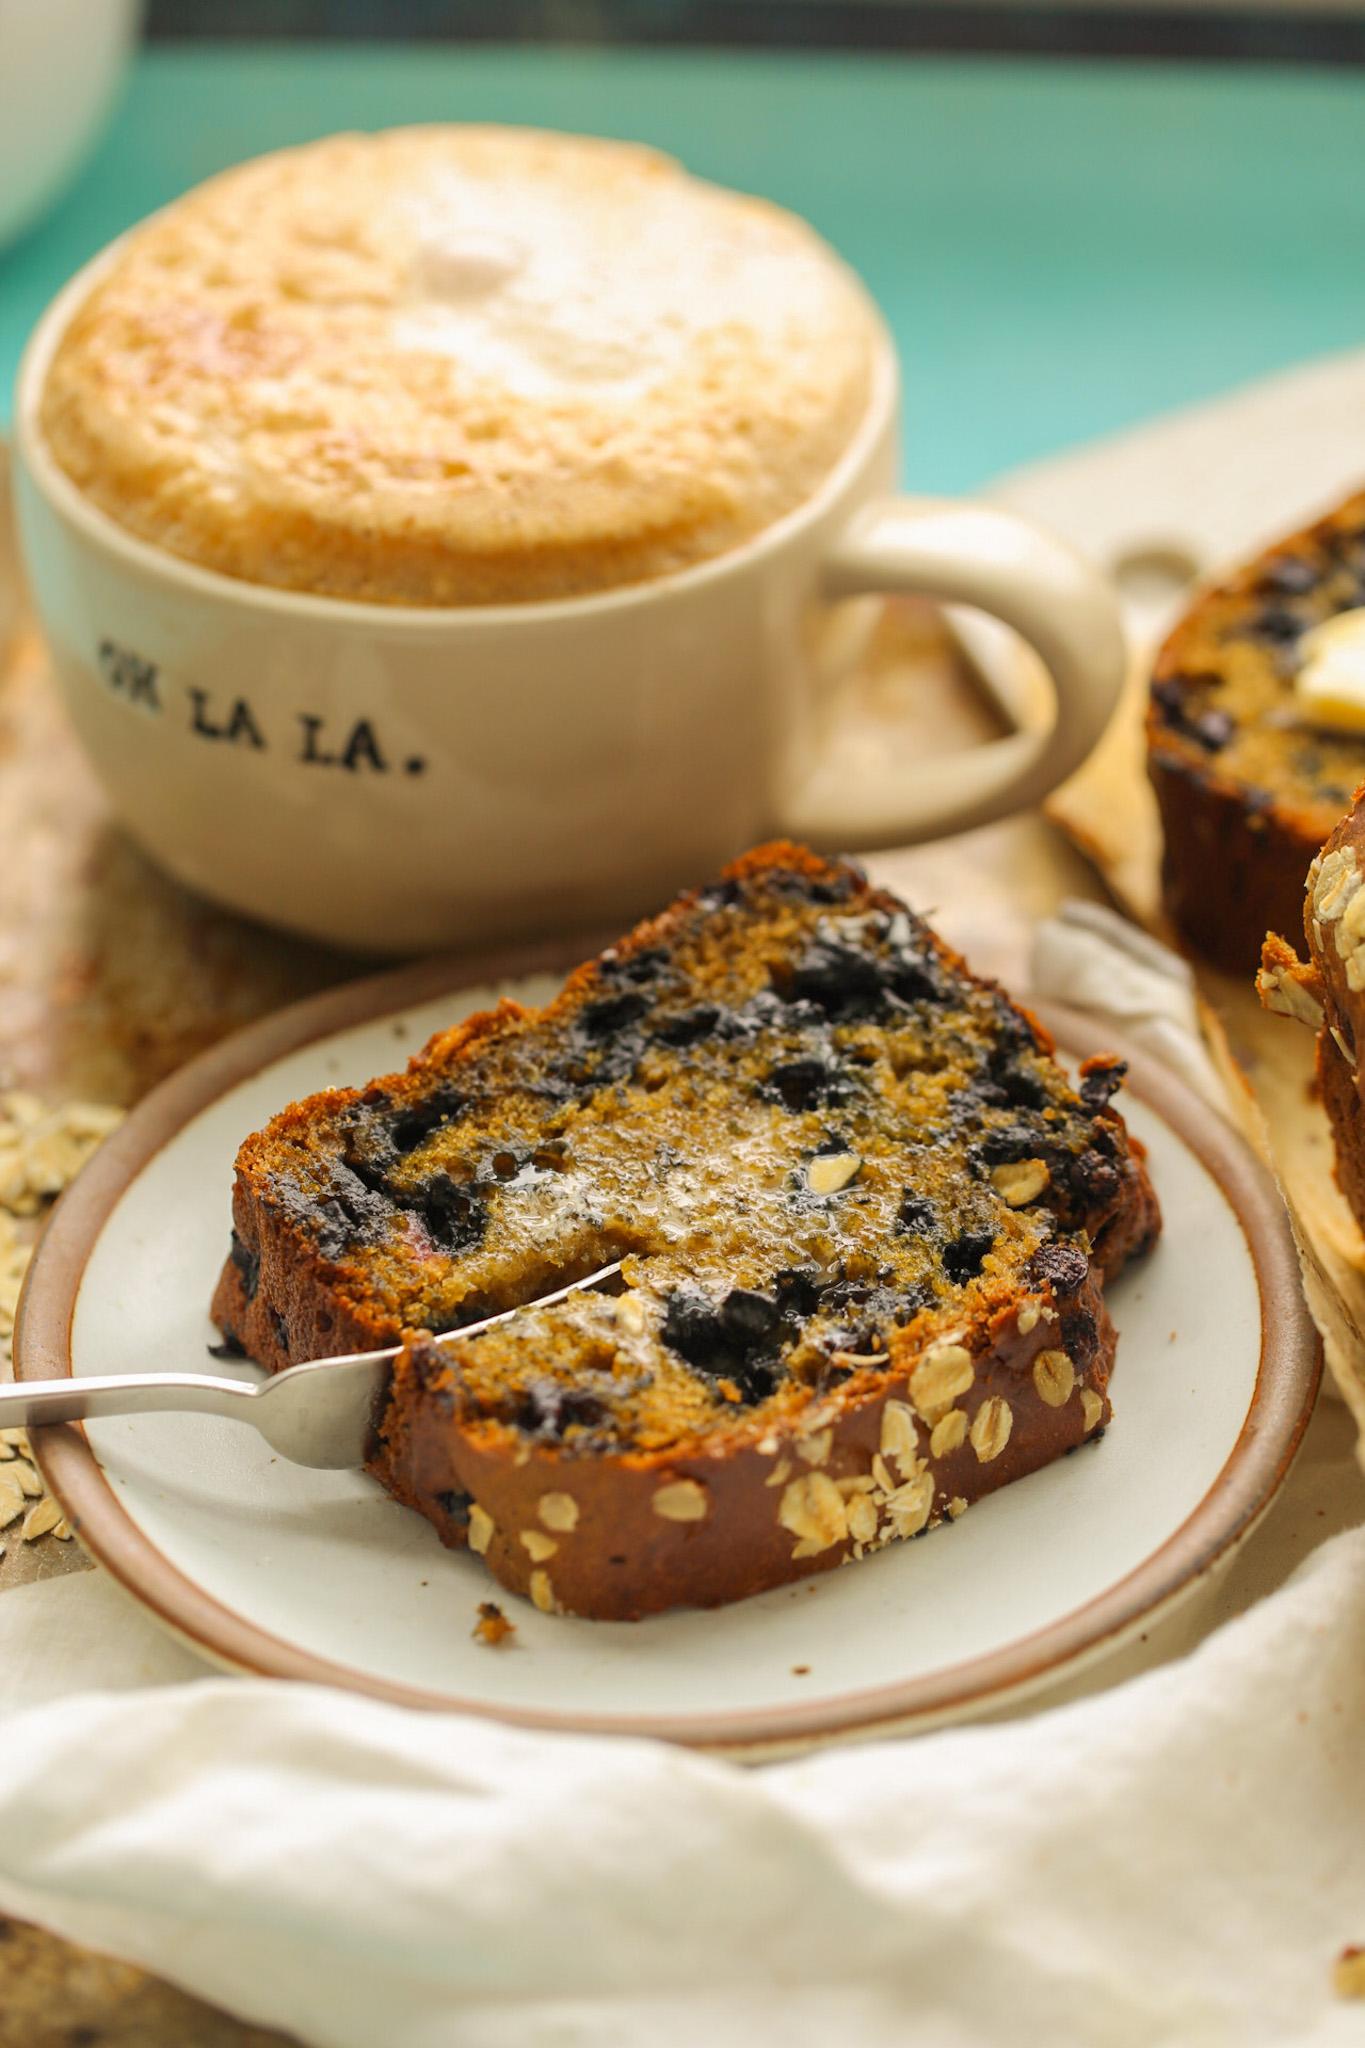 Blueberry Loaf breakfast